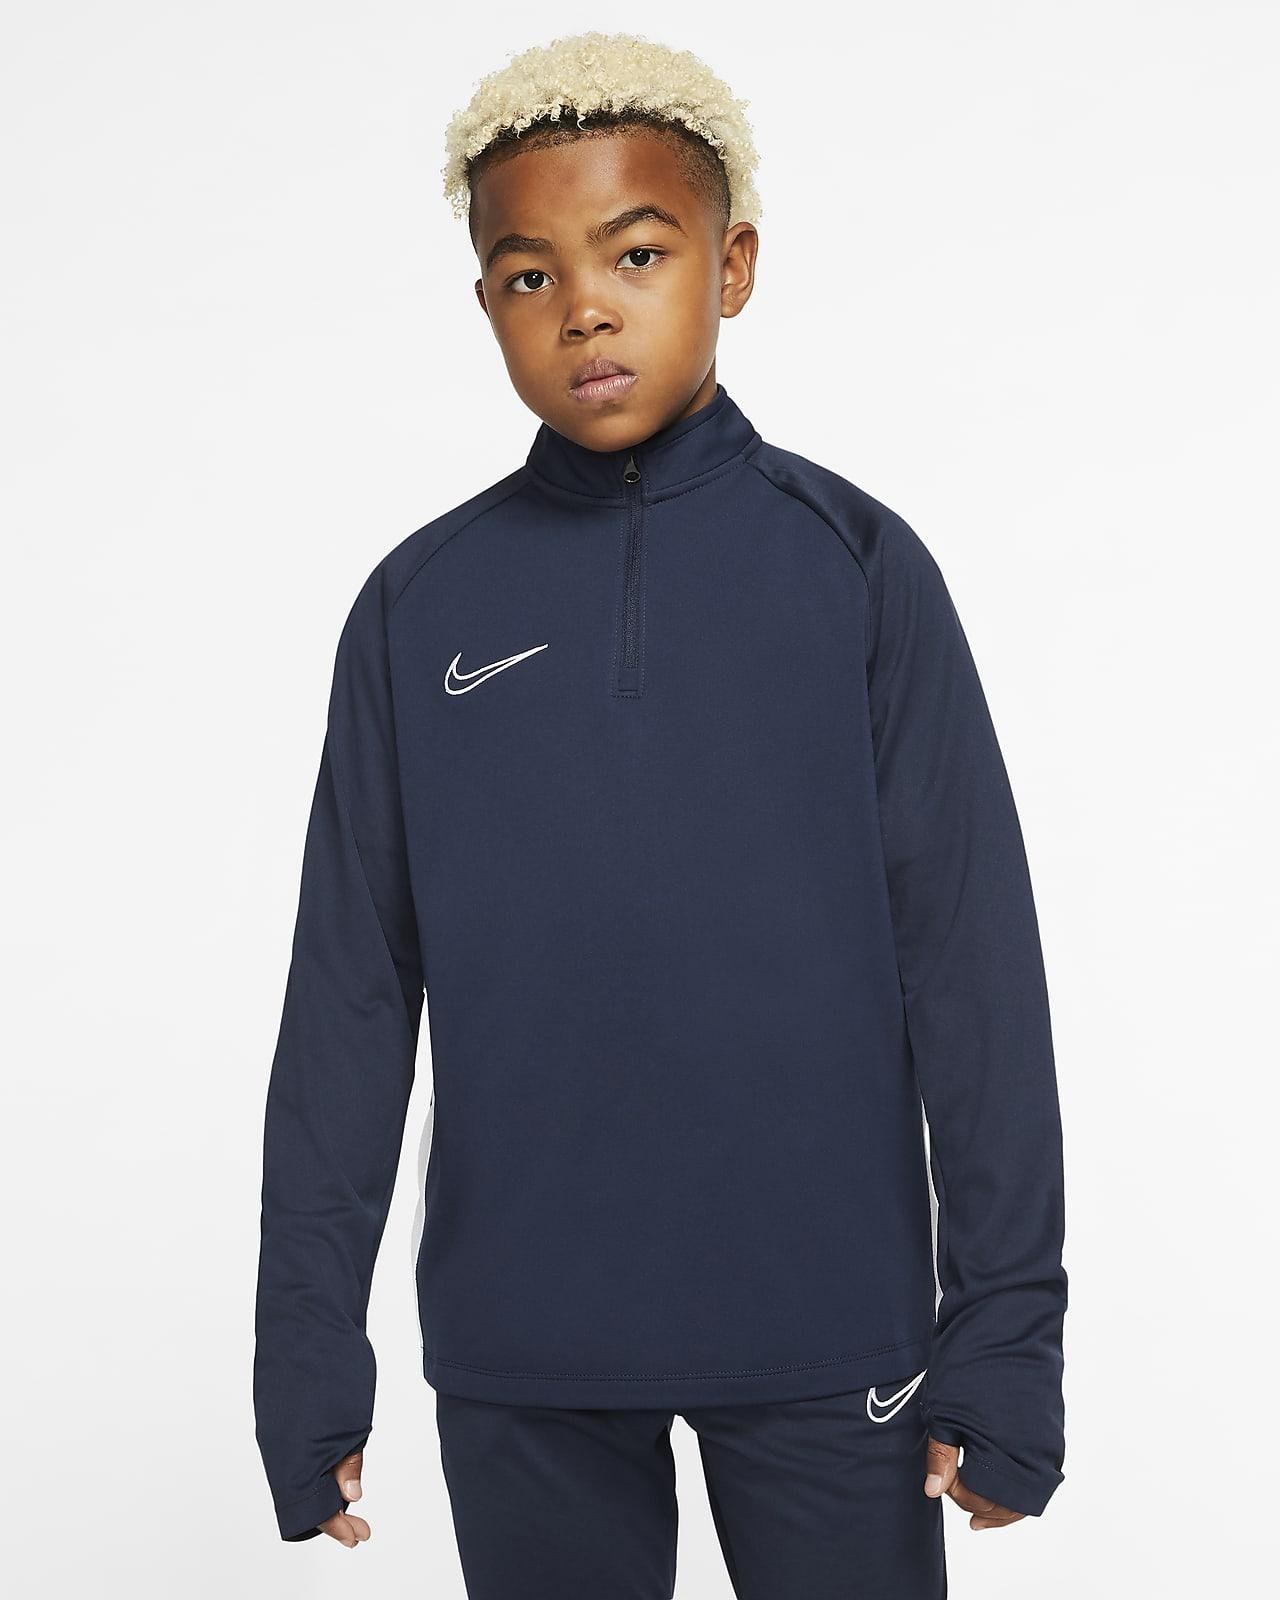 Prenda para la parte superior de entrenamiento de fútbol para niños talla grande Nike Dri-FIT Academy